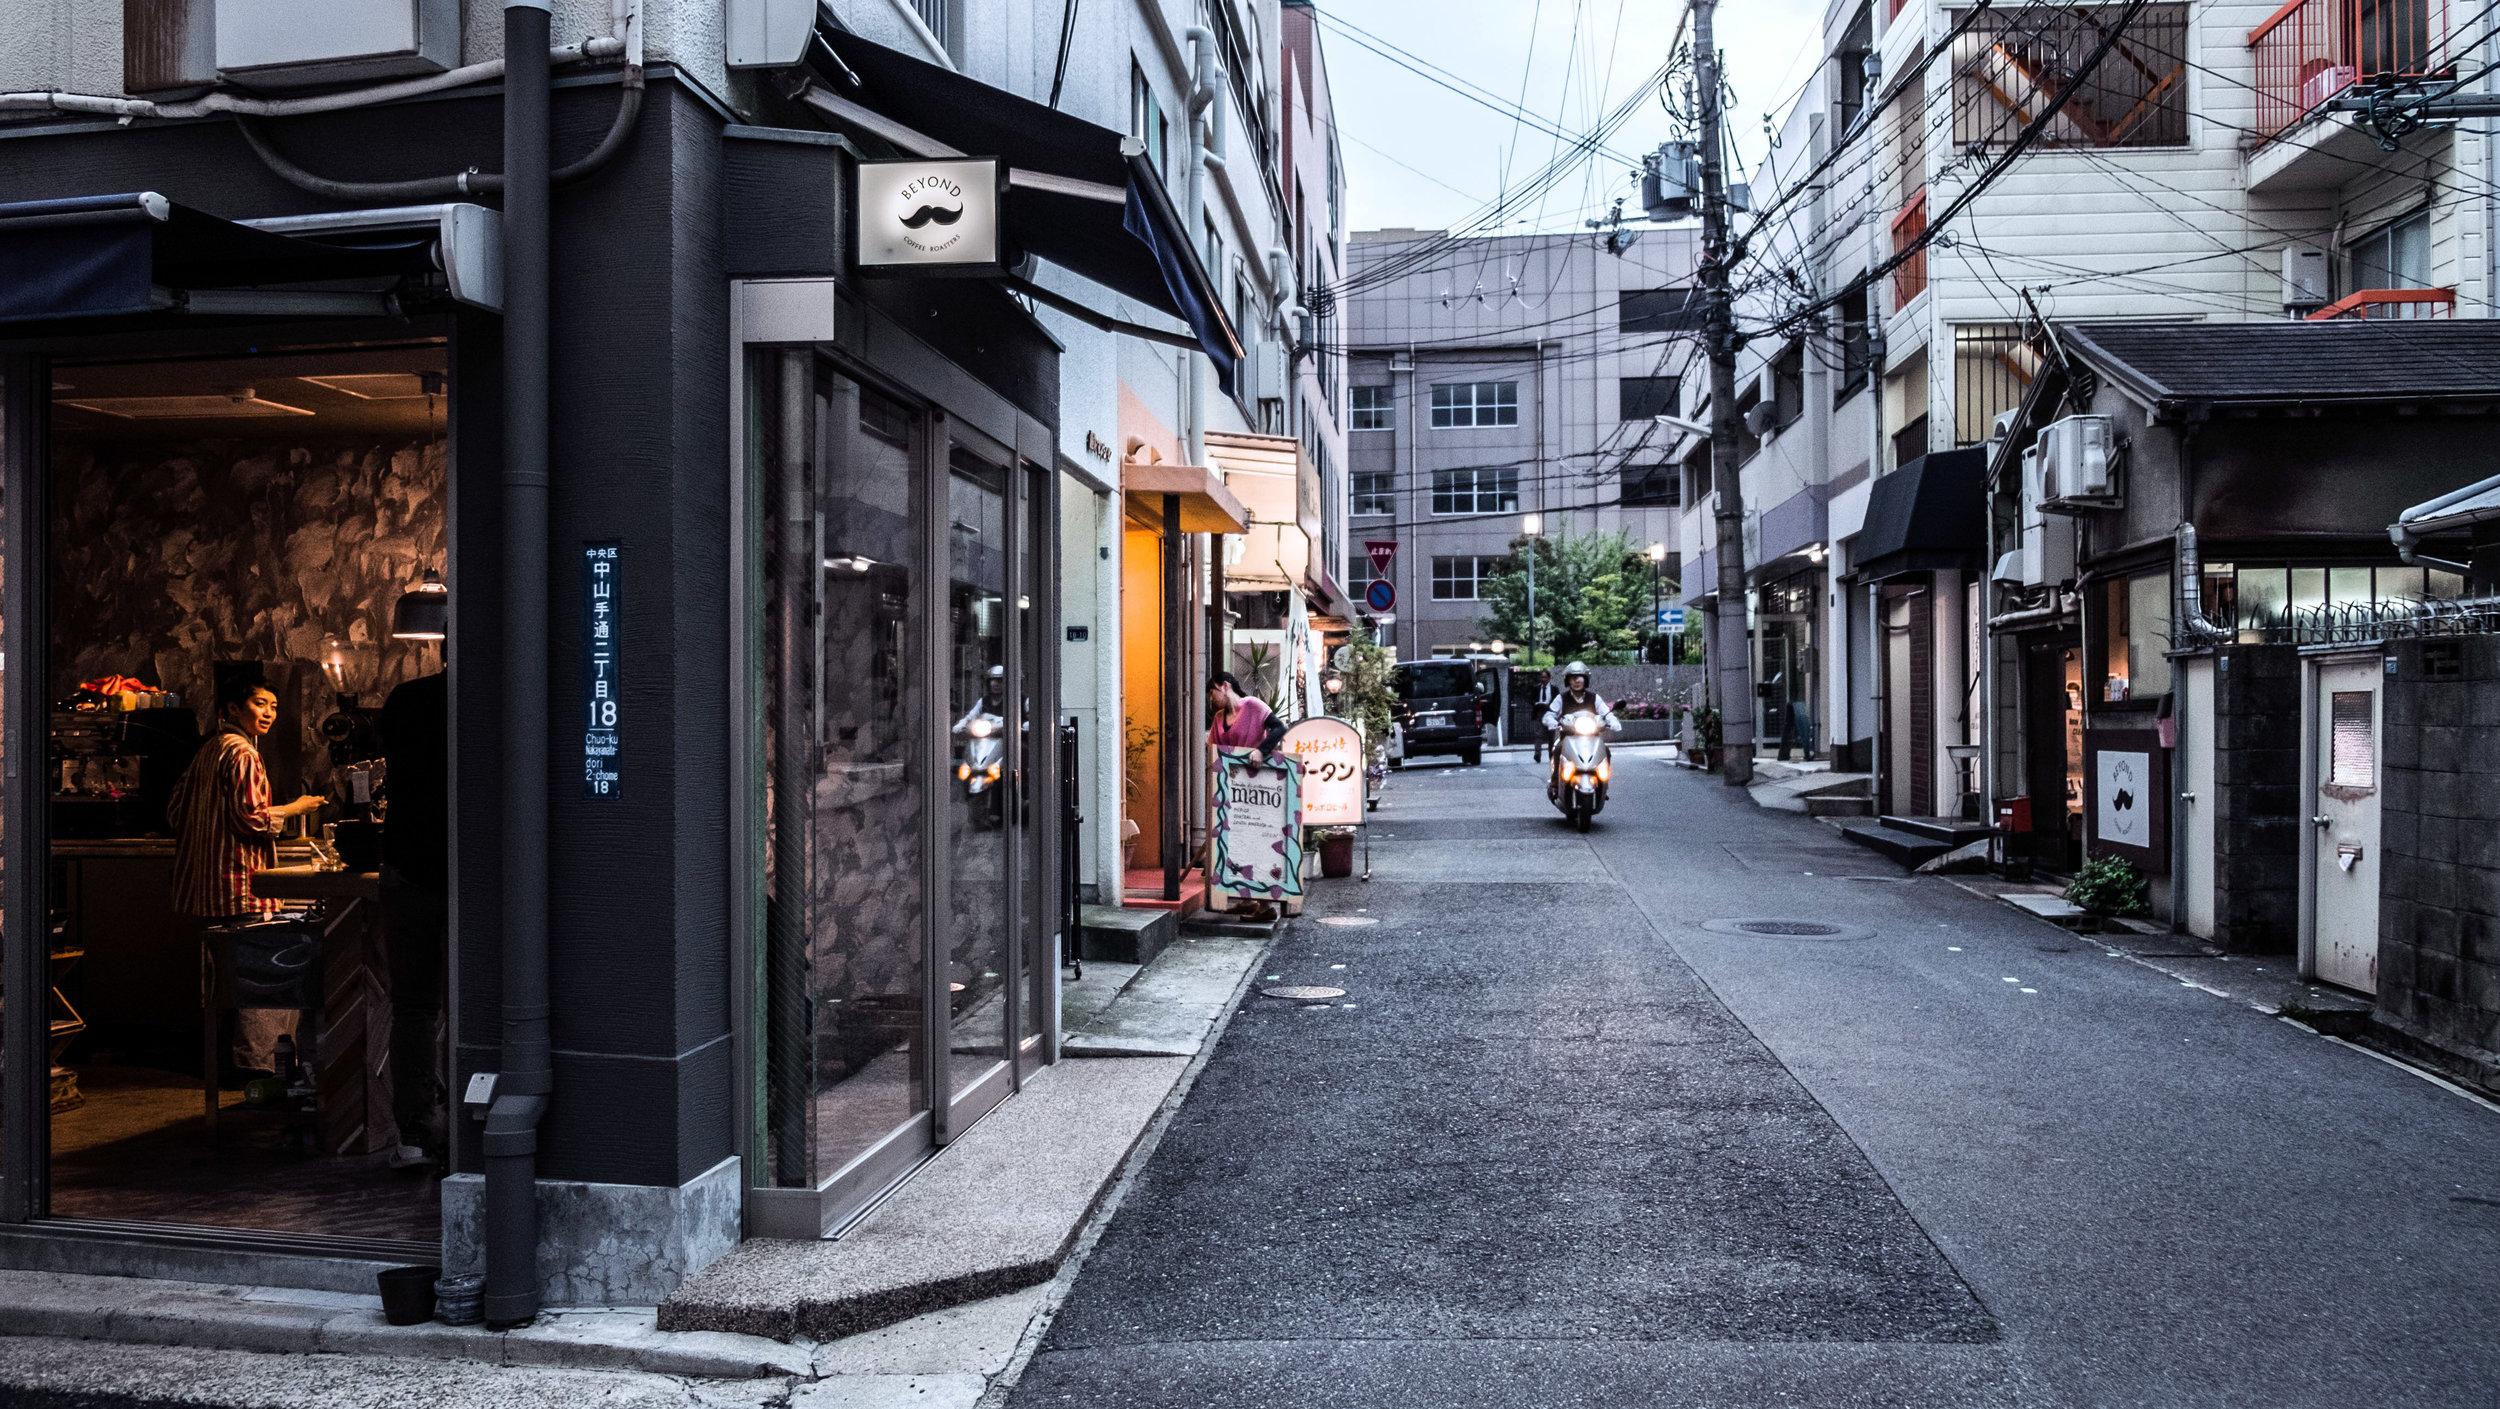 Beyond coffee roasters street view